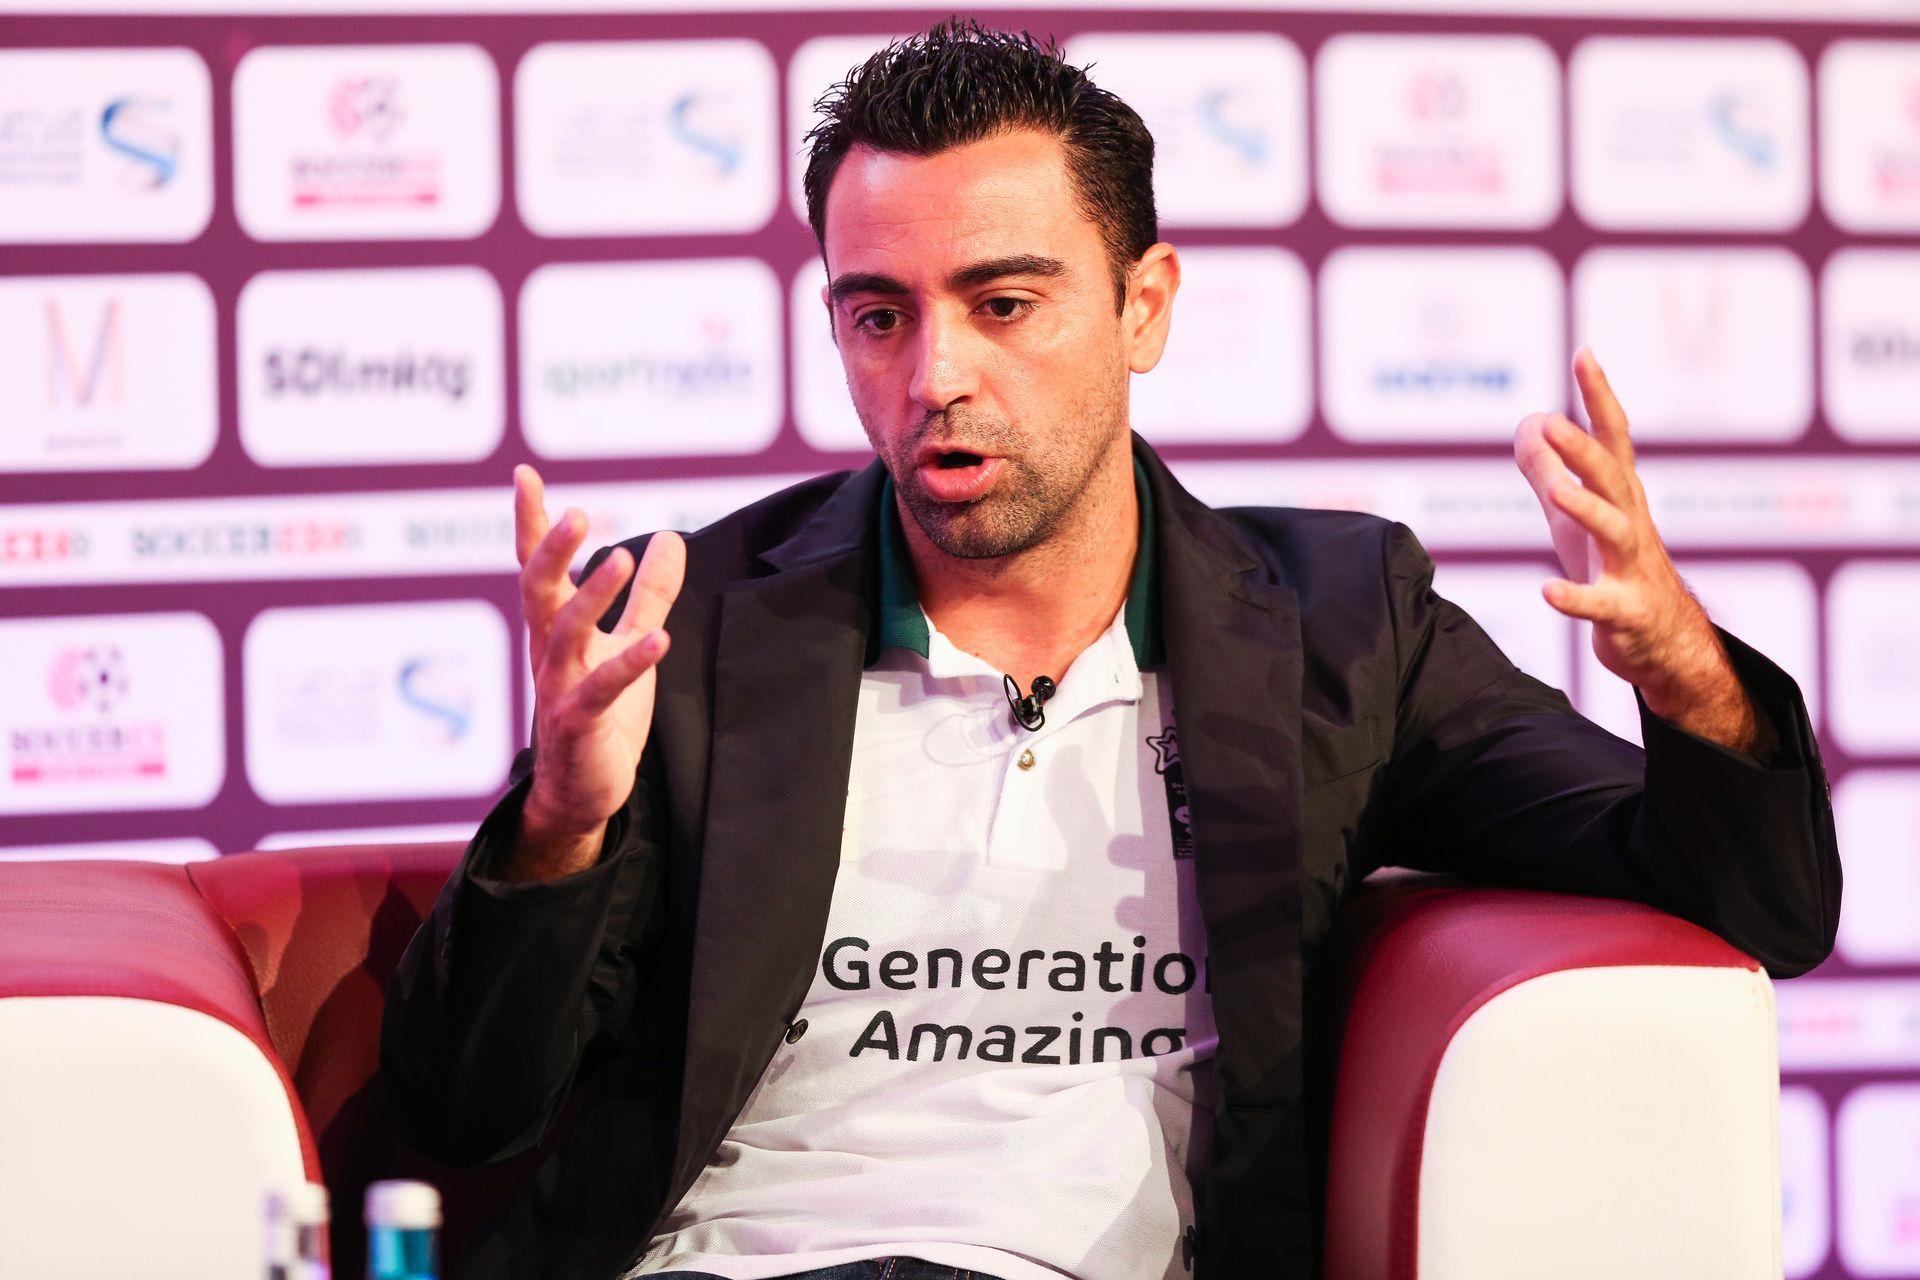 Днес Шави е част от програмата Generation Amazing, с която Катар опитва да превърне Мондиал 2022 в паметно събитие